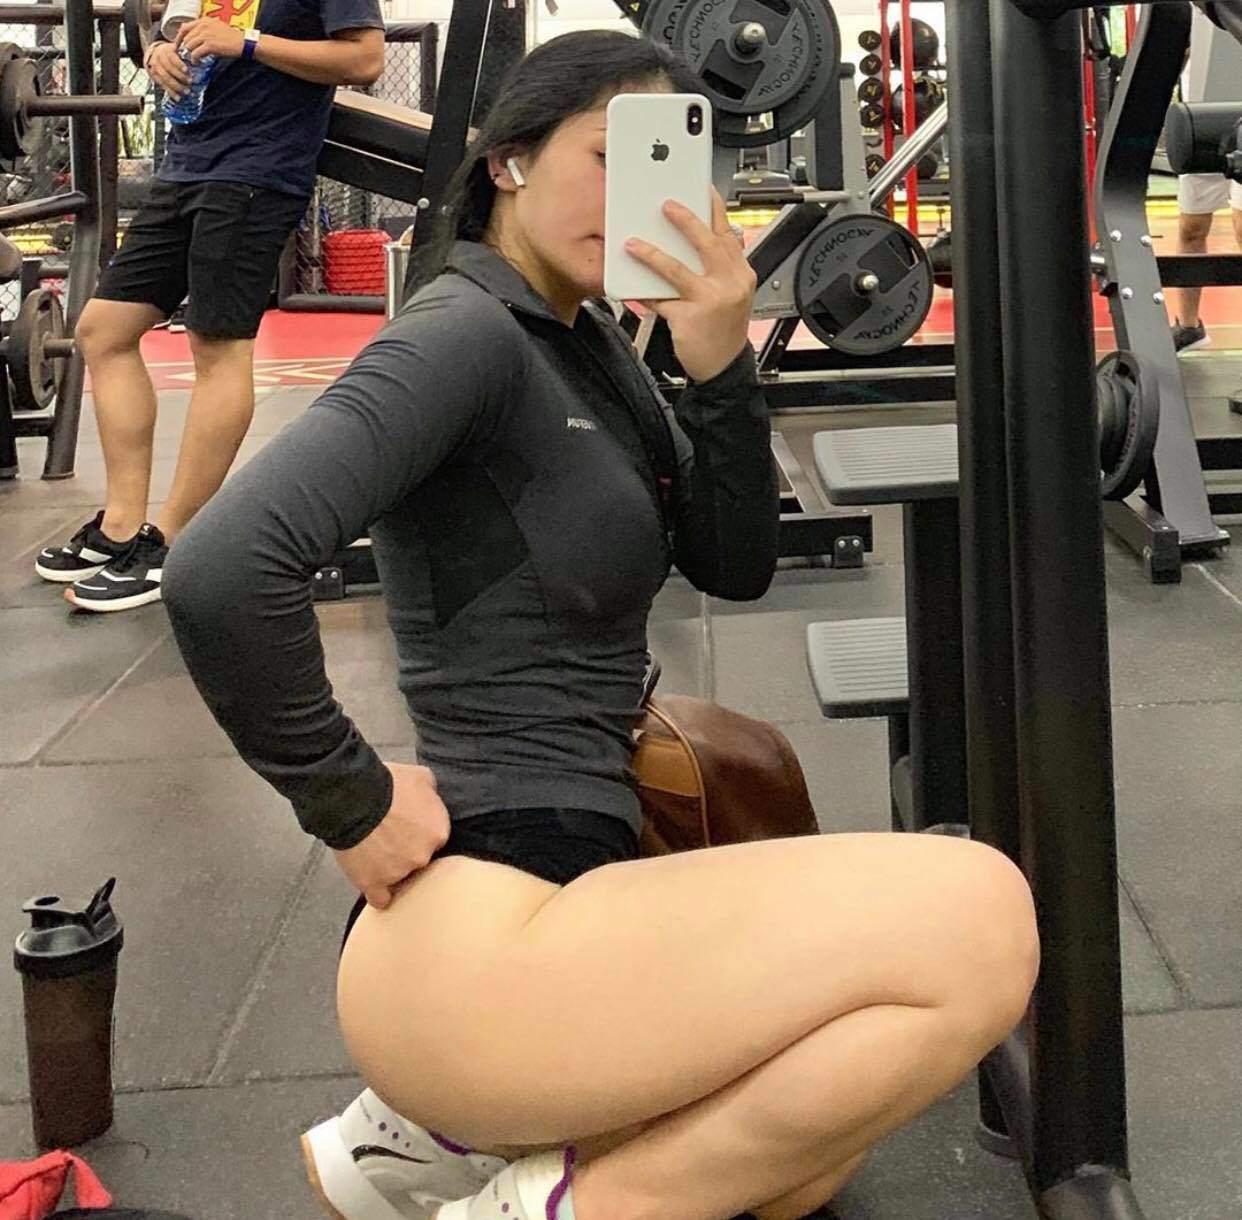 Phản cảm khi hotgirl phòng gym amp;#34;làm tròamp;#34; với quần tập: ngườidiện mỏng như sương, người lồ lộ ngấn mông - 5